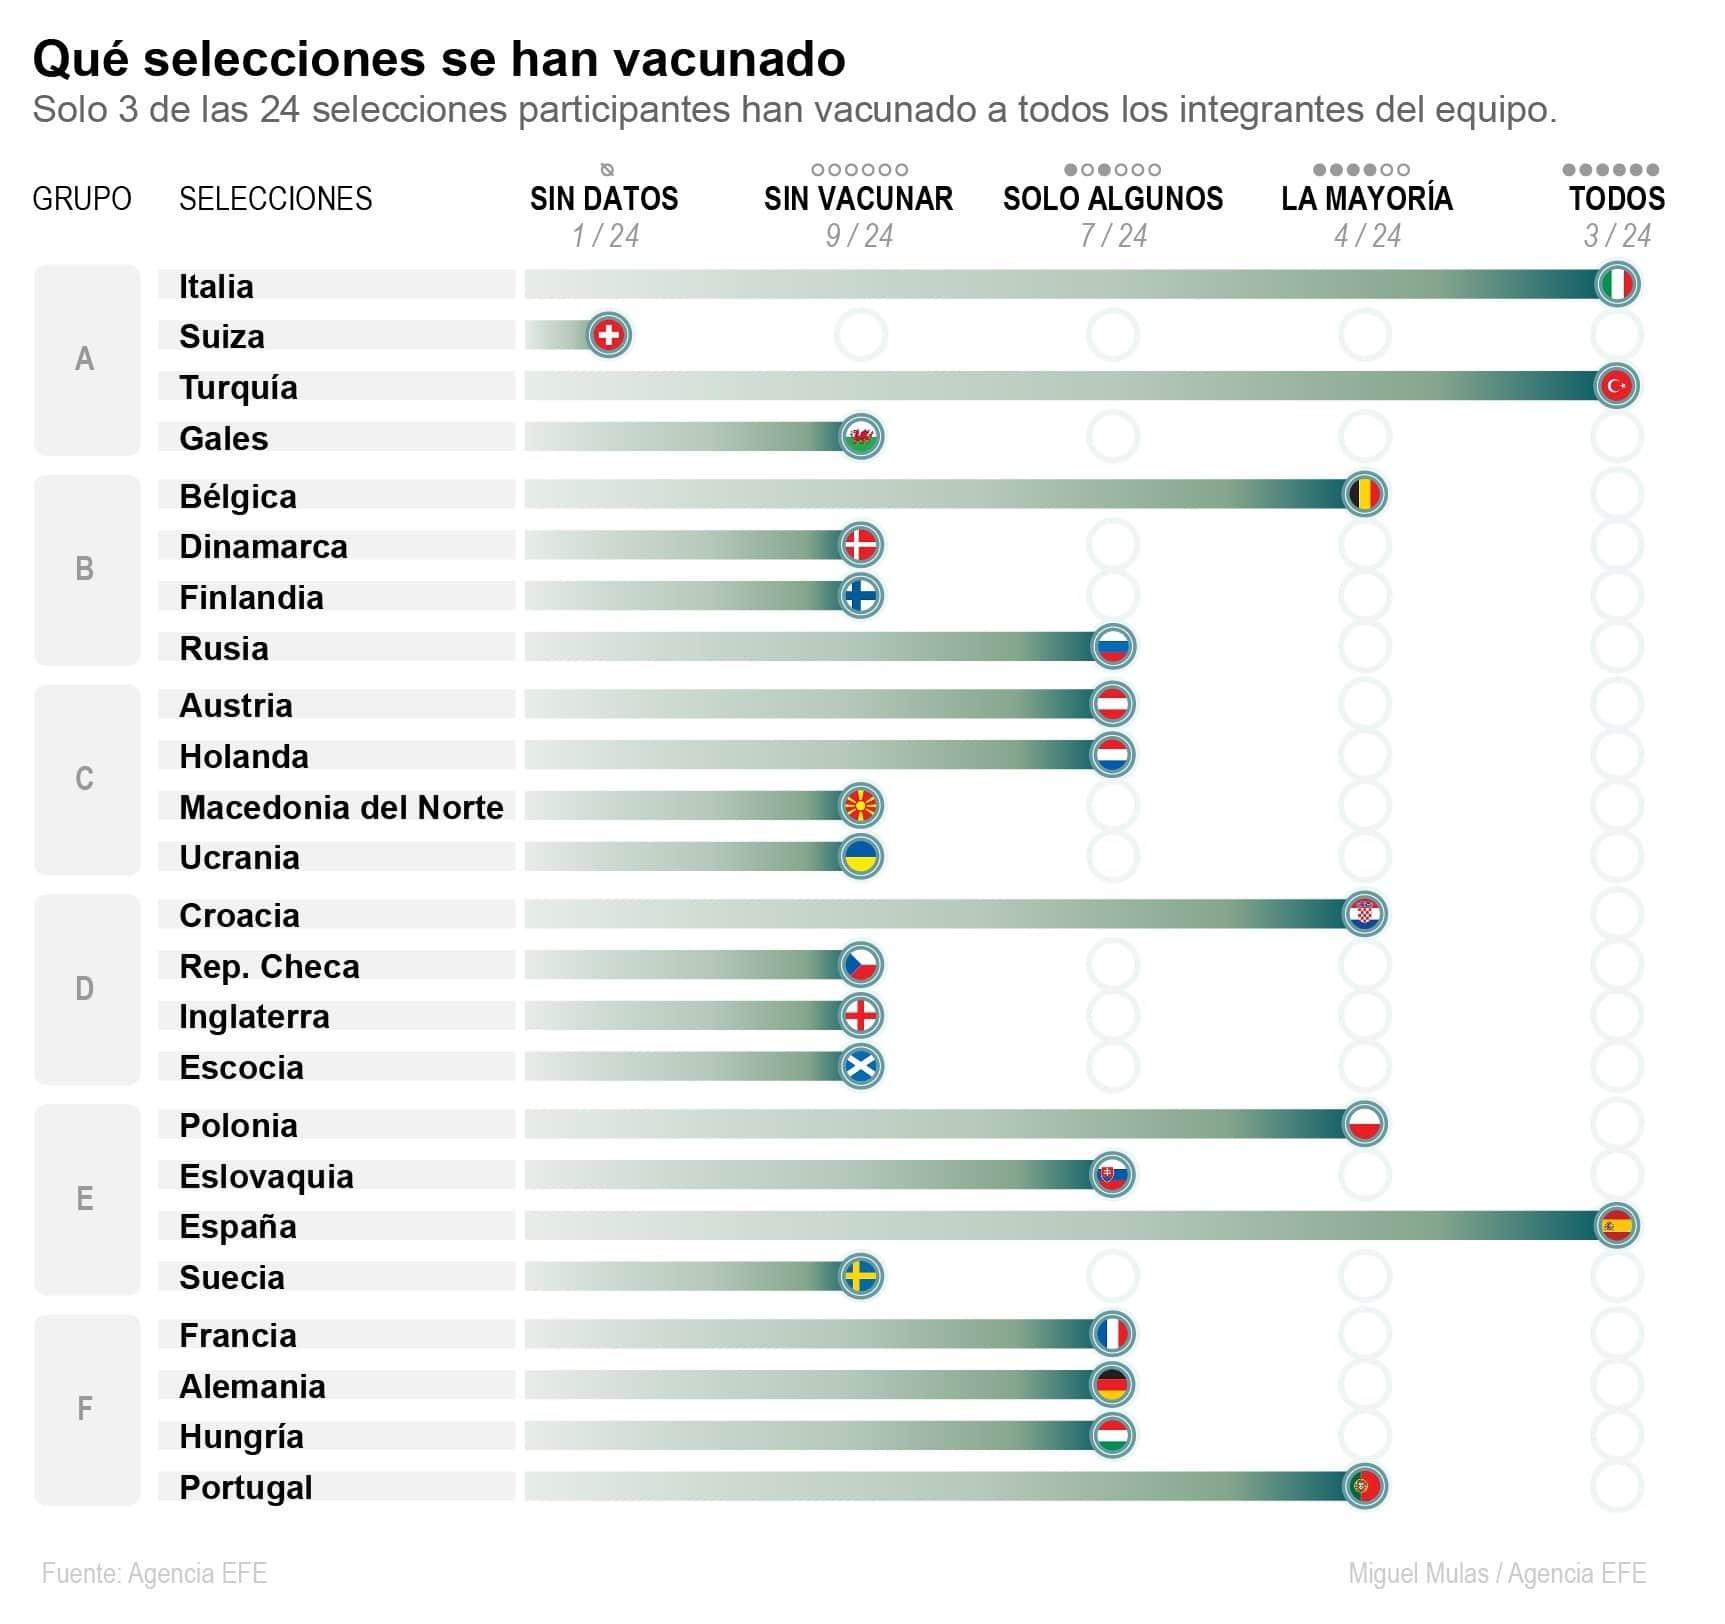 [Infografía] Solo tres de las 24 selecciones participantes en la Eurocopa han vacunado a todos los integrantes del equipo 1